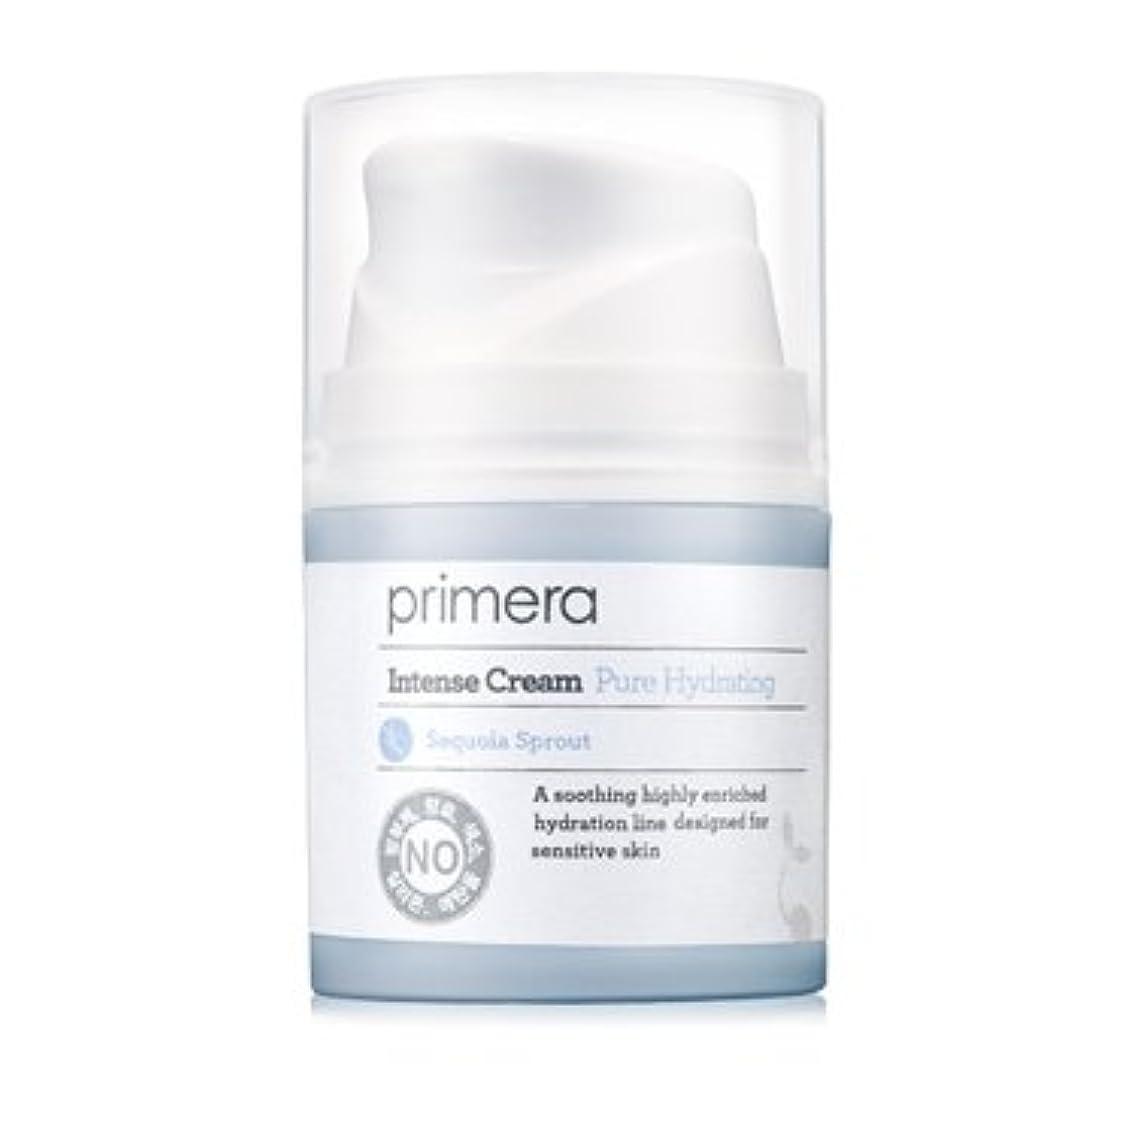 ビール岸ステップPRIMERA プリメラ ピュア ハイドレイティング インテンス クリーム(Pure Hydrating Intense Cream)30ml